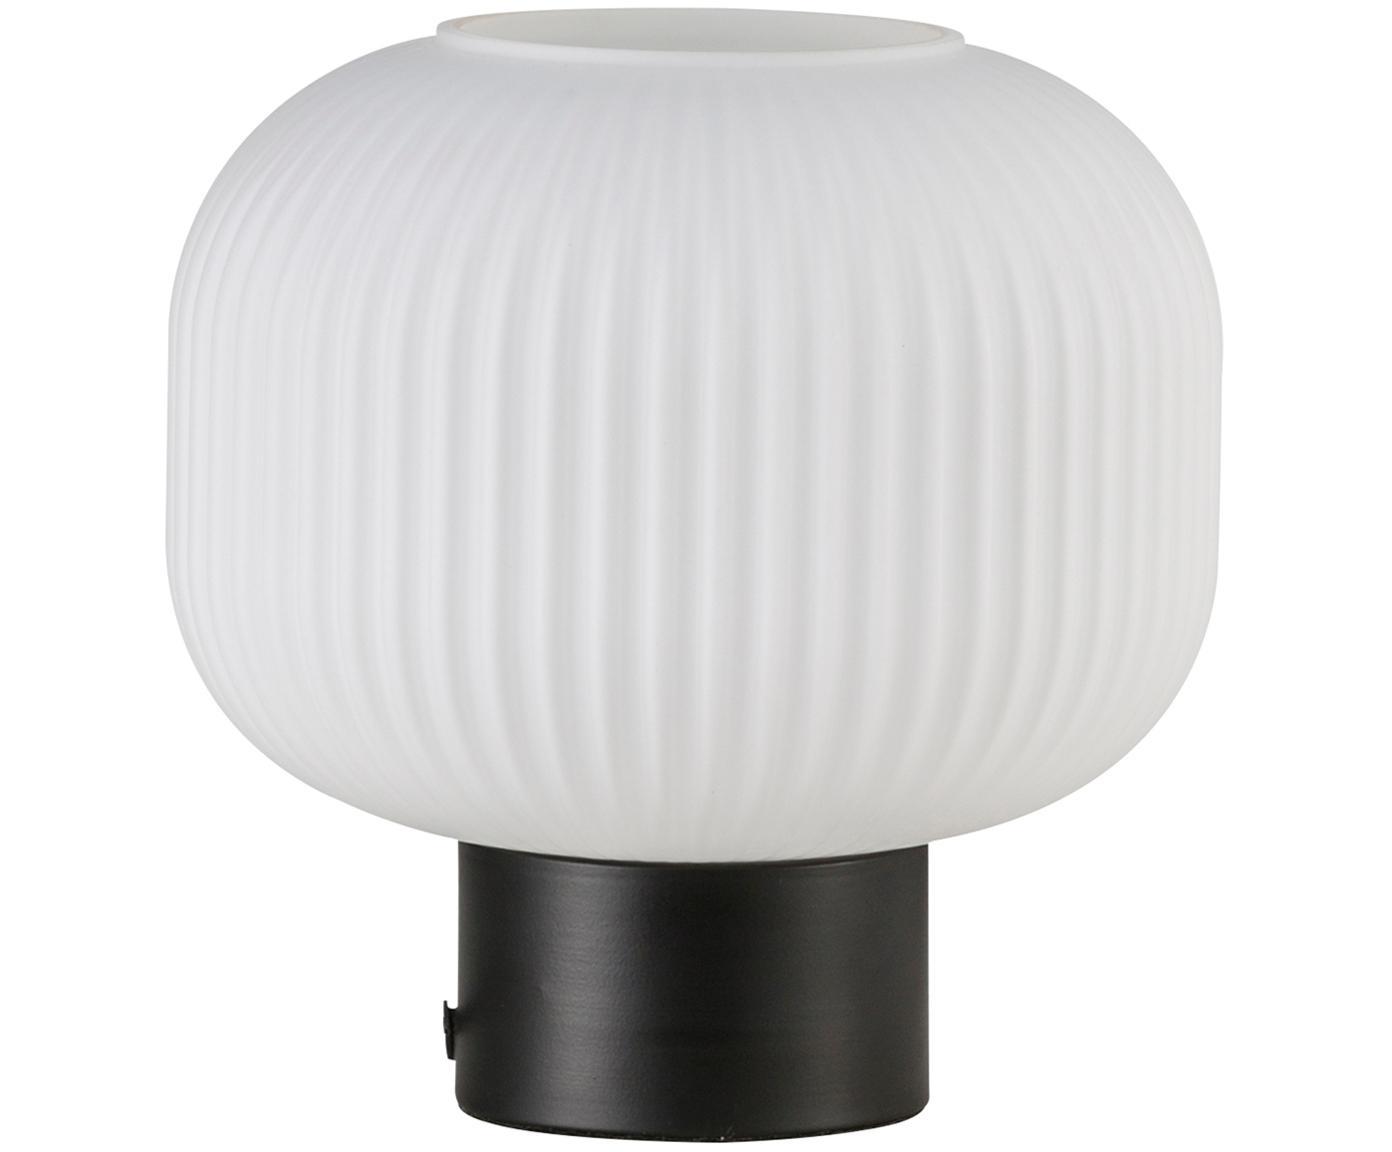 Tischleuchte Charlie, Lampenschirm: Opalglas, Lampenfuß: Metall, beschichtet, Schwarz, Opalweiß, Ø 20 x H 20 cm